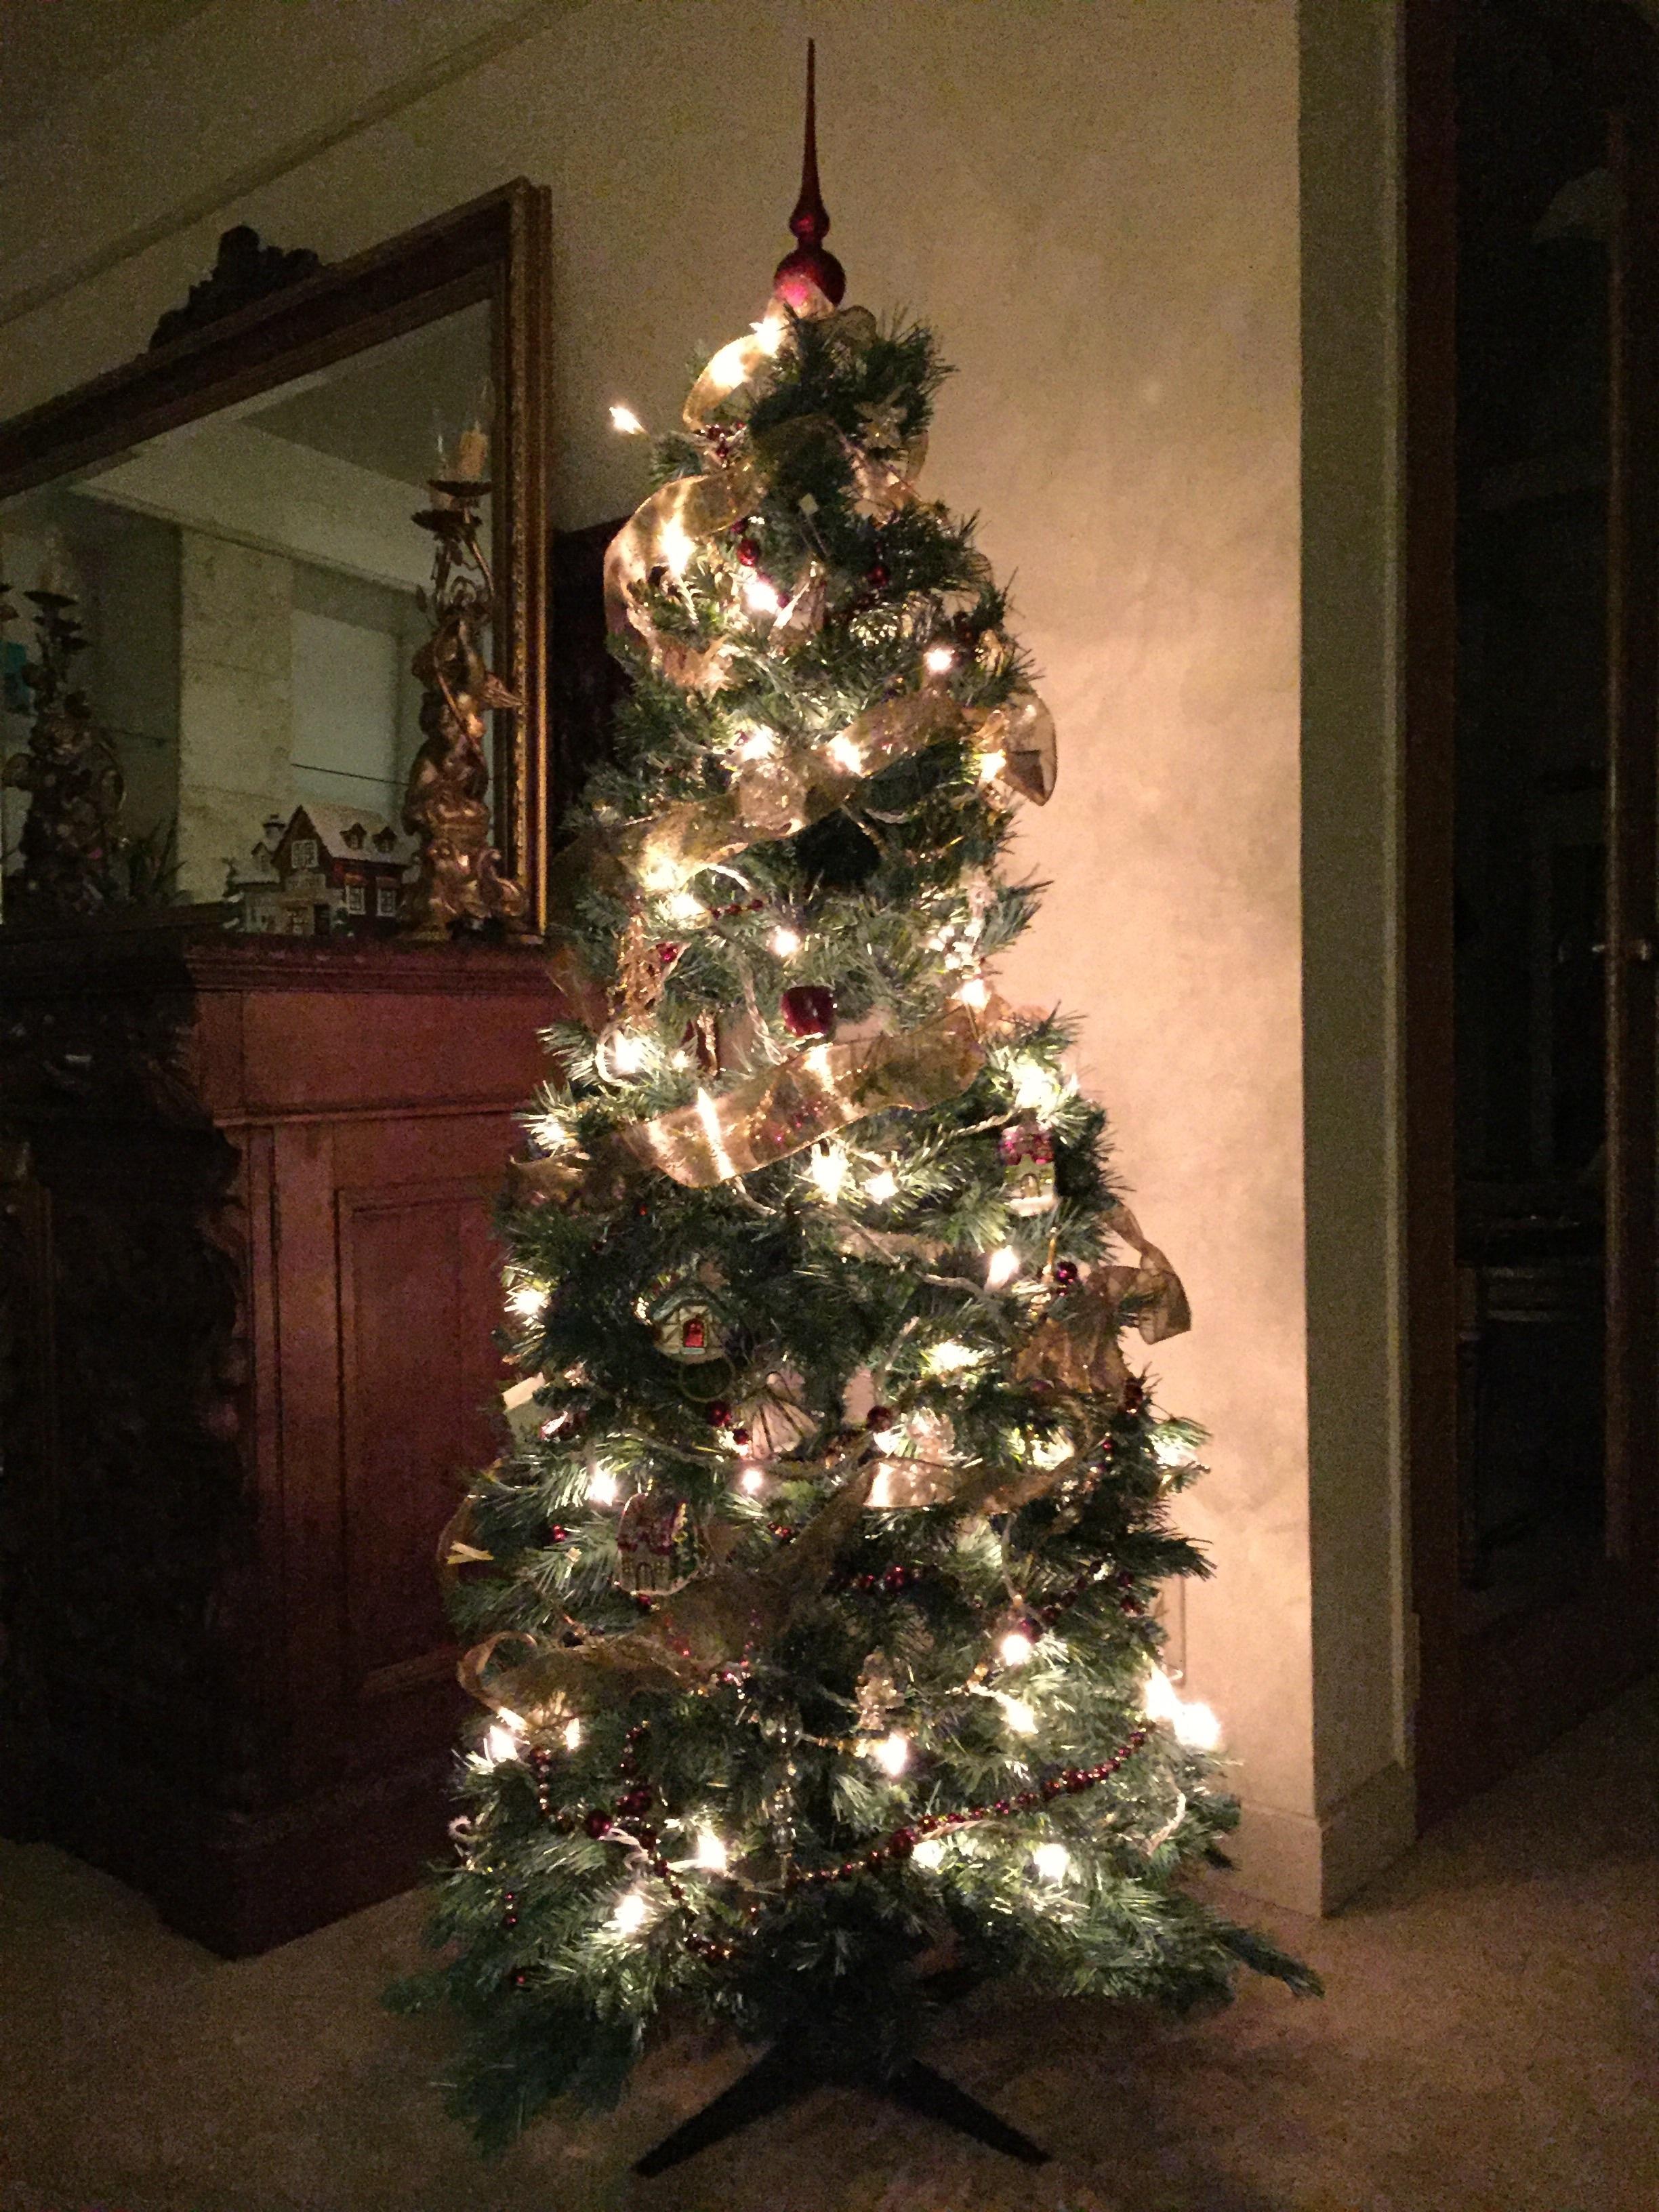 クリスマスツリー |  ベルパリ | boutique Bell Paris | 田市 |